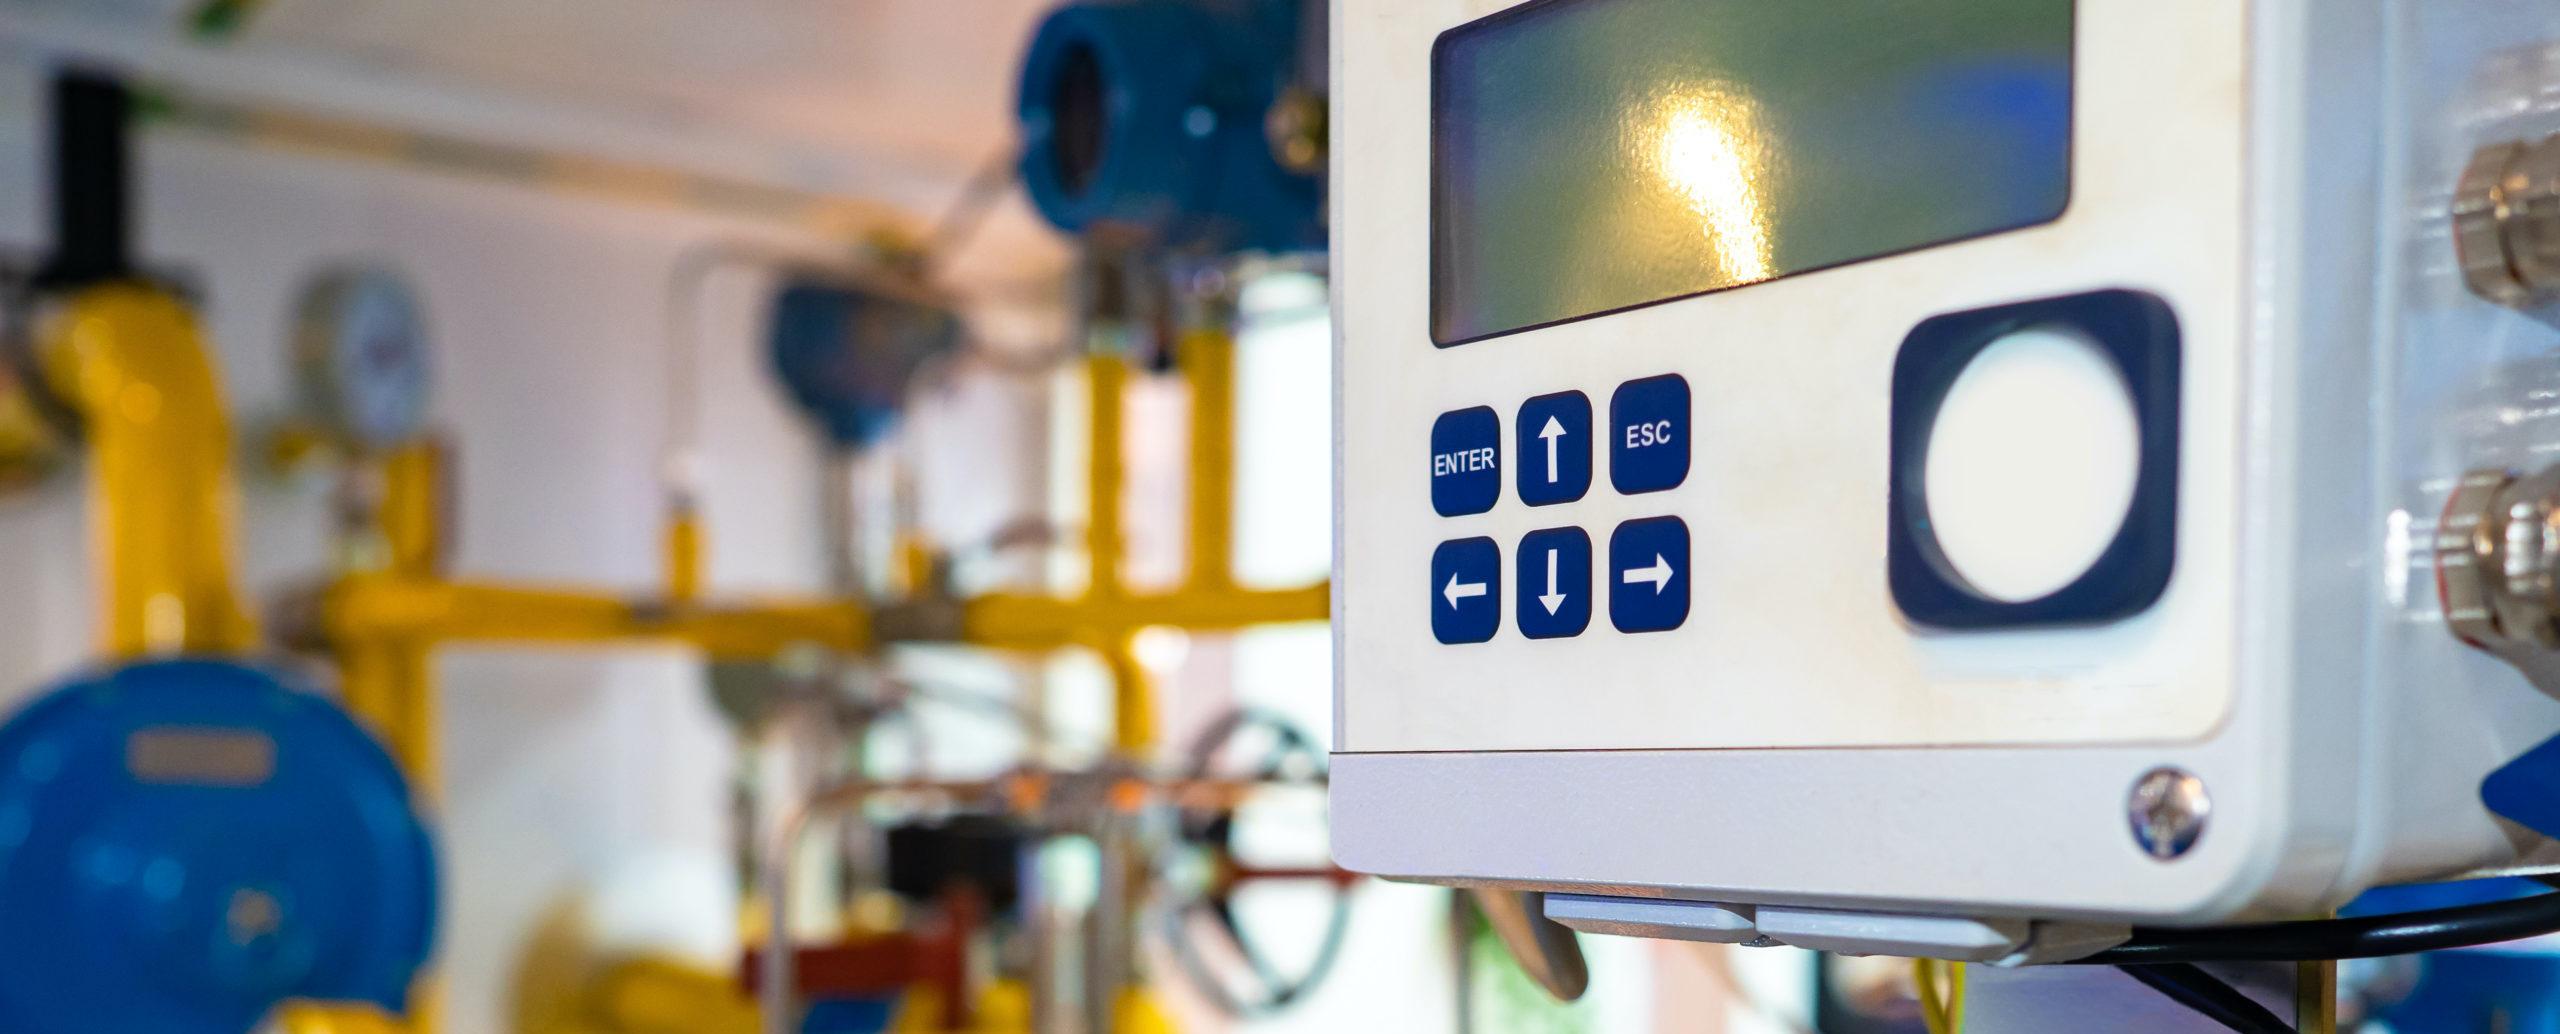 Erdgas Münster - Partner für deutsches Erdgas